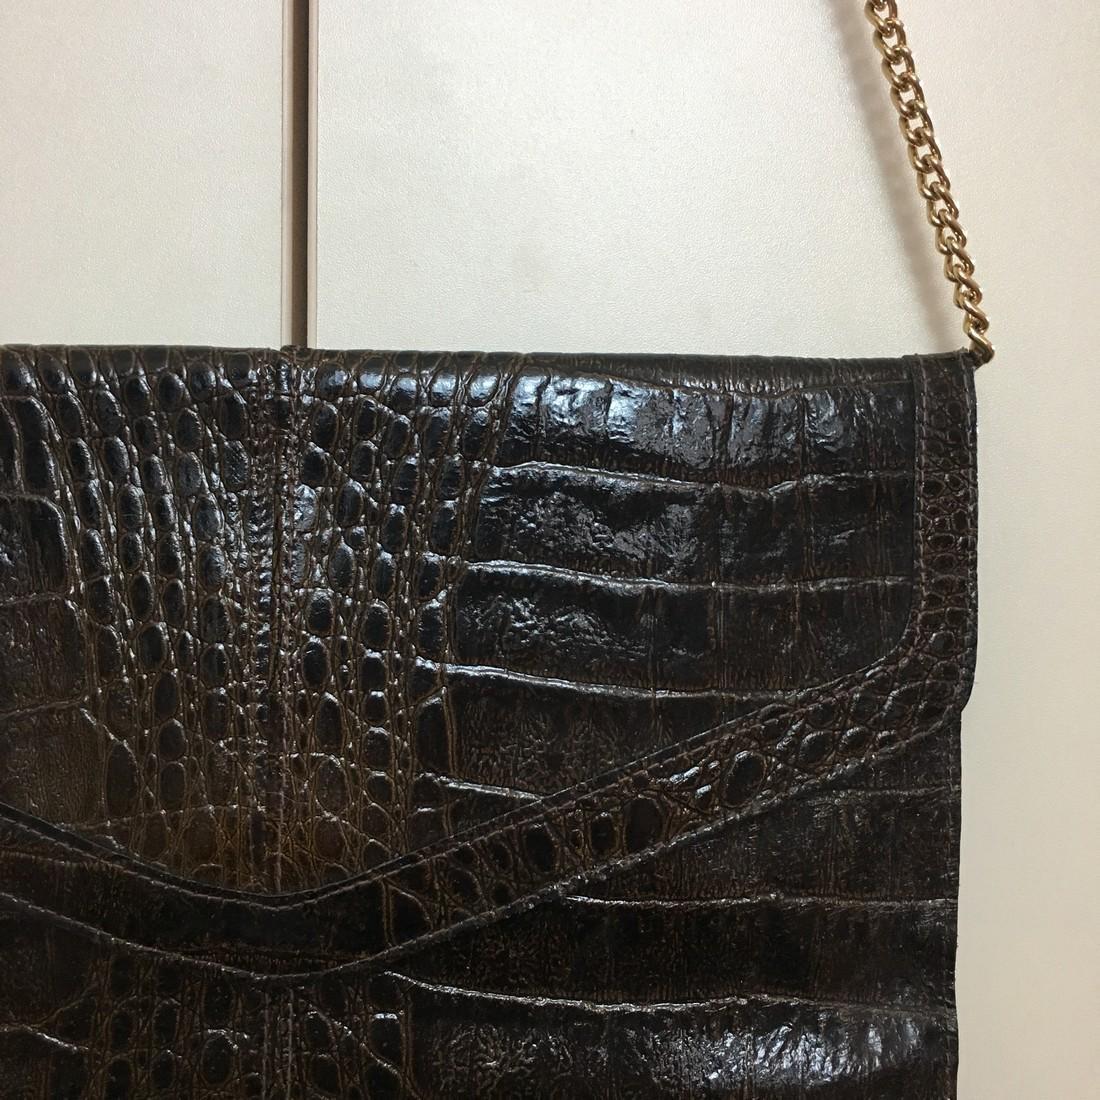 Vintage Real Alligator Leather Clutch Bag - 3